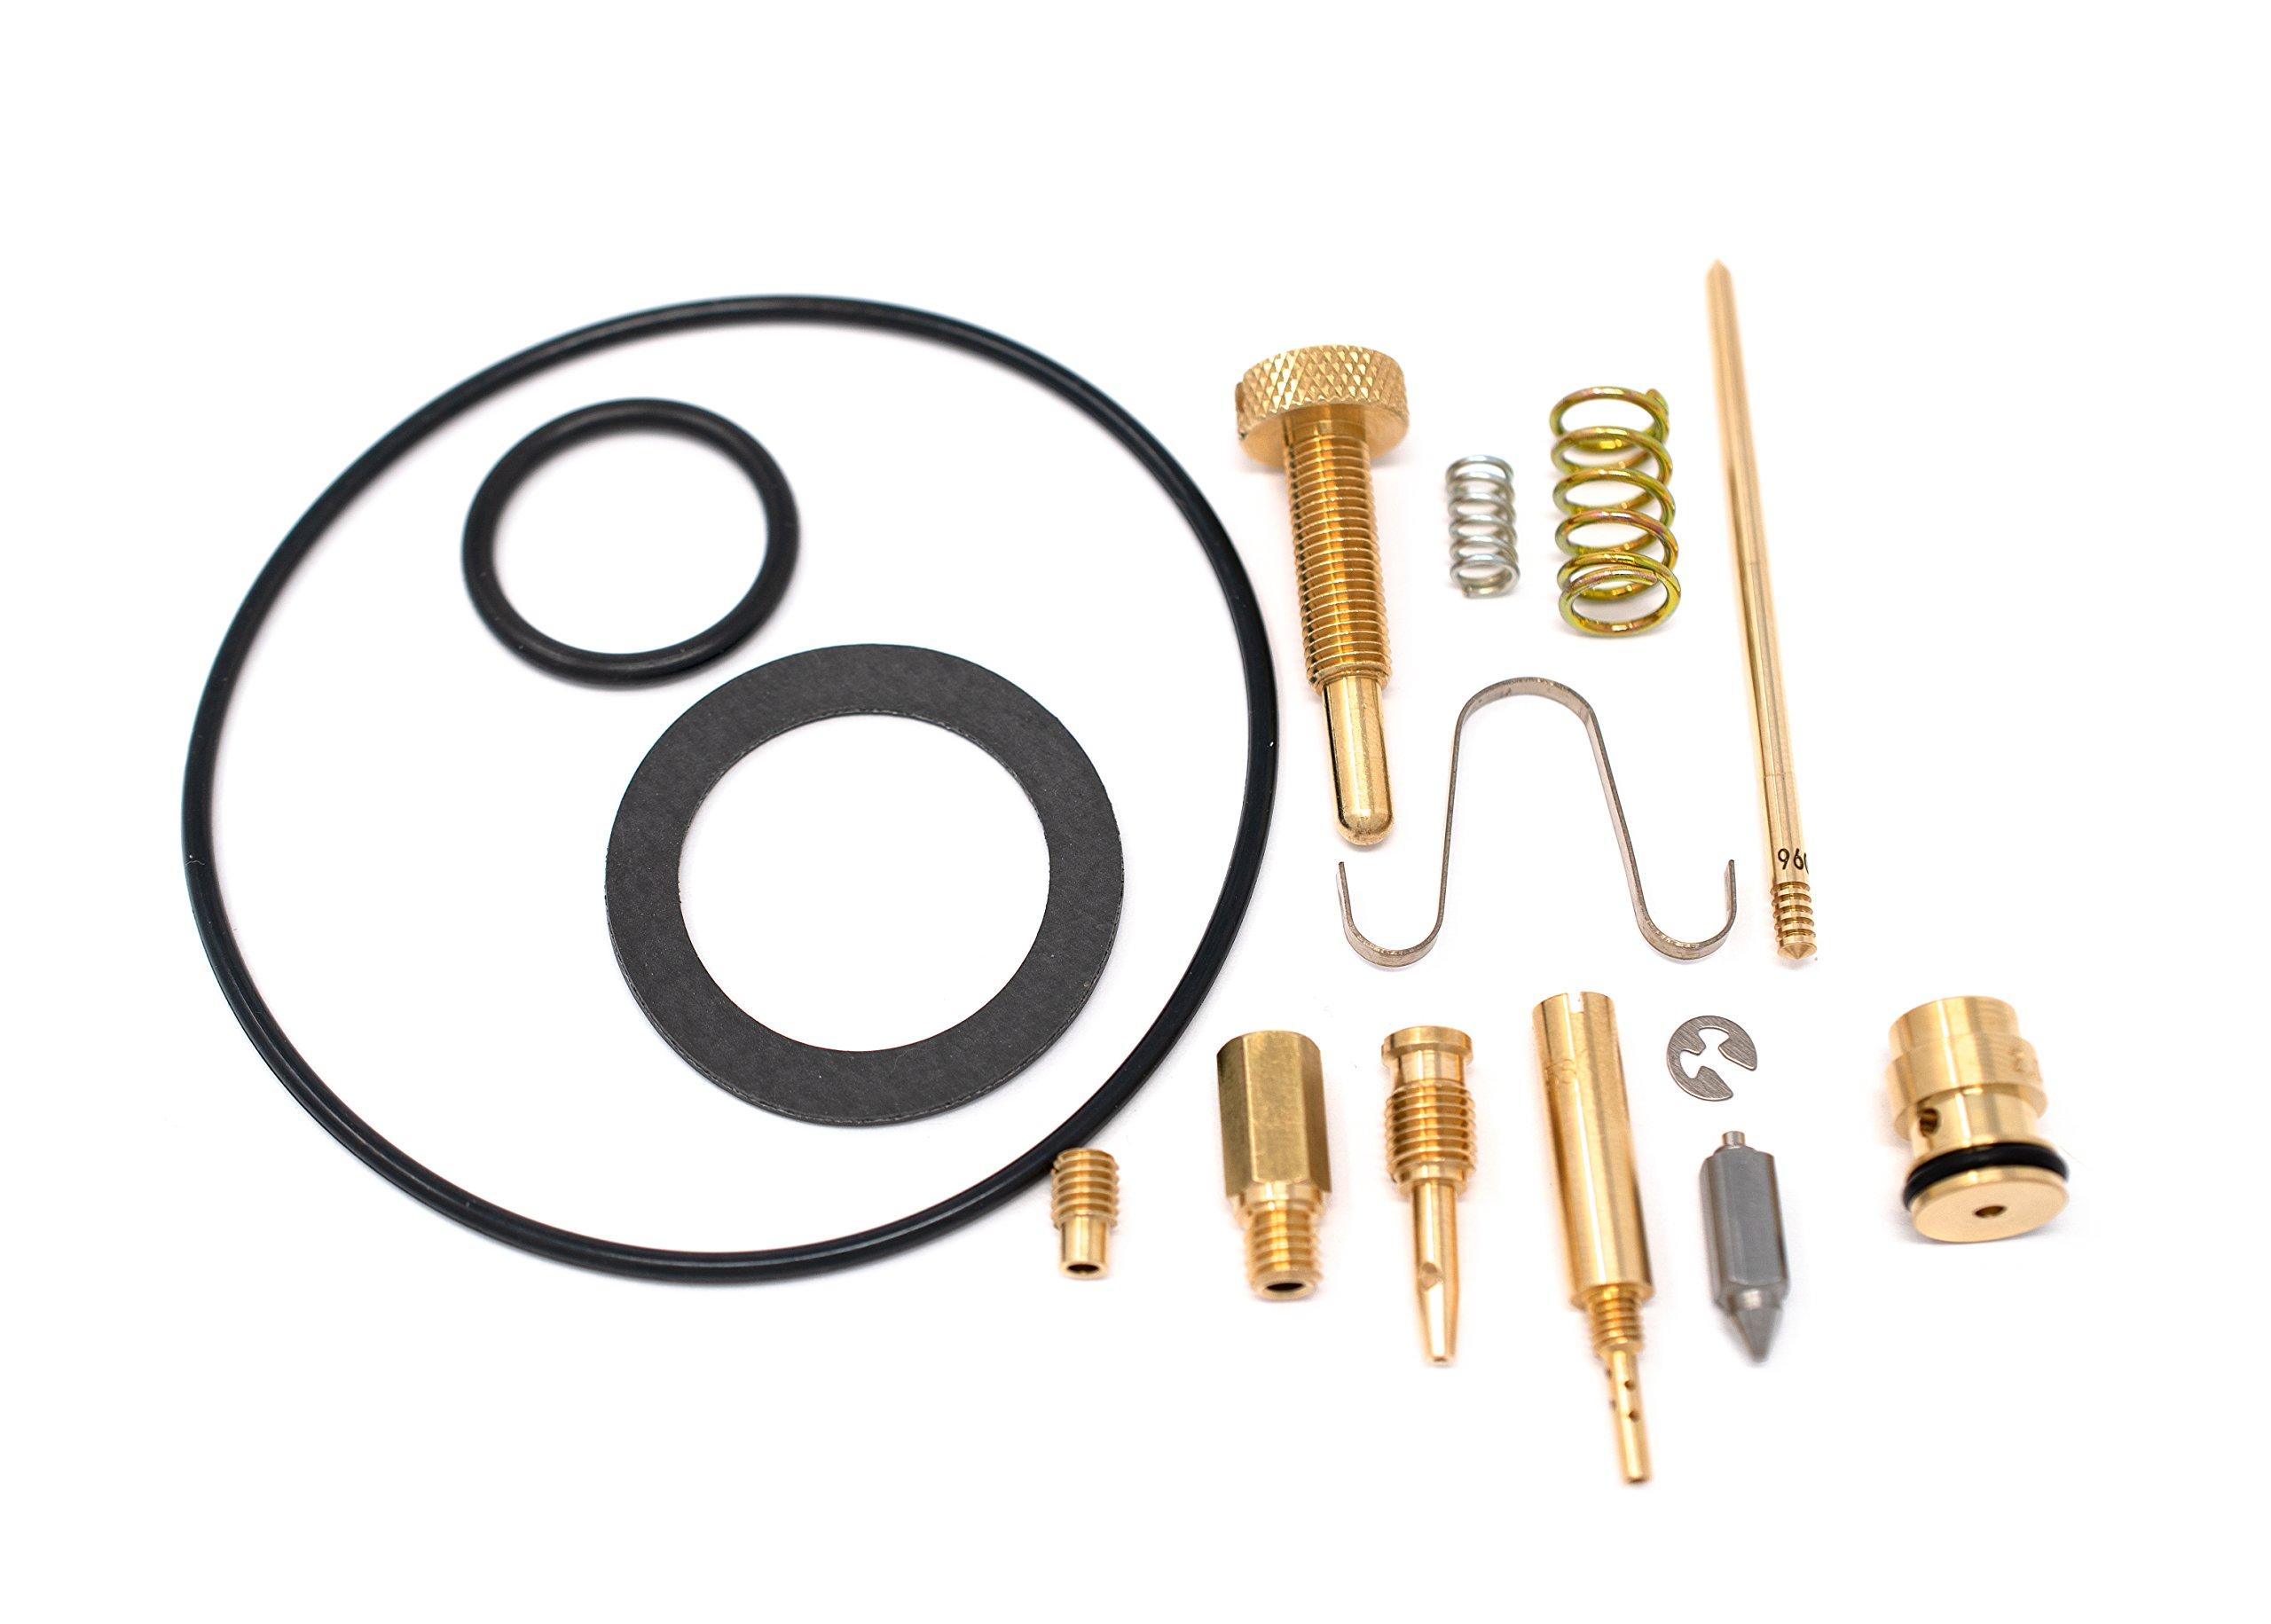 DP 0101-001 Carburetor Rebuild Kit - Fits Honda - FL250 Odyssey FL 250 Carb - See Models/Years In Details - Repair Parts